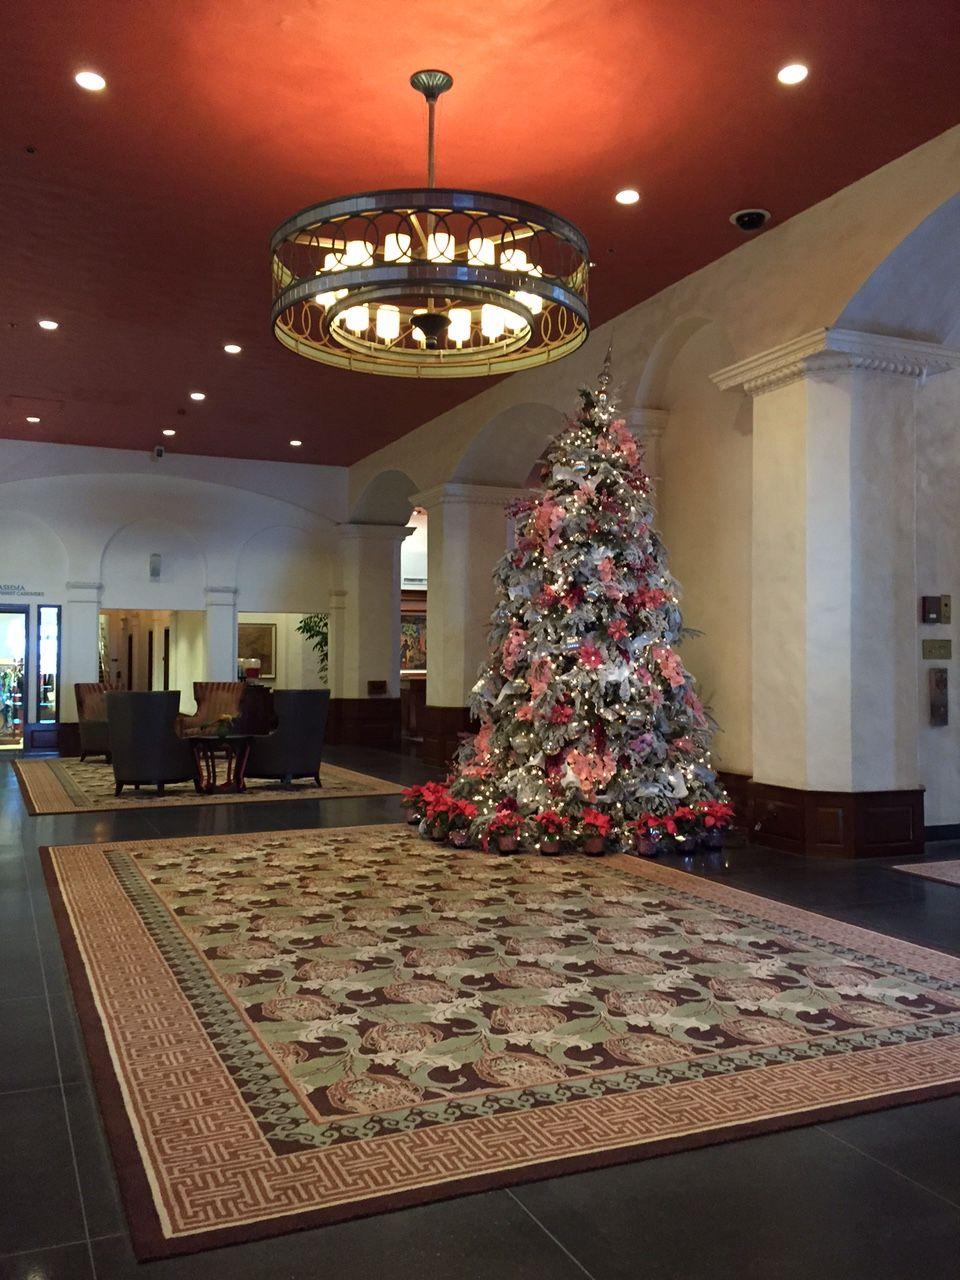 ピンク色のクリスマスツリーにうっとり ロイヤルハワイアン